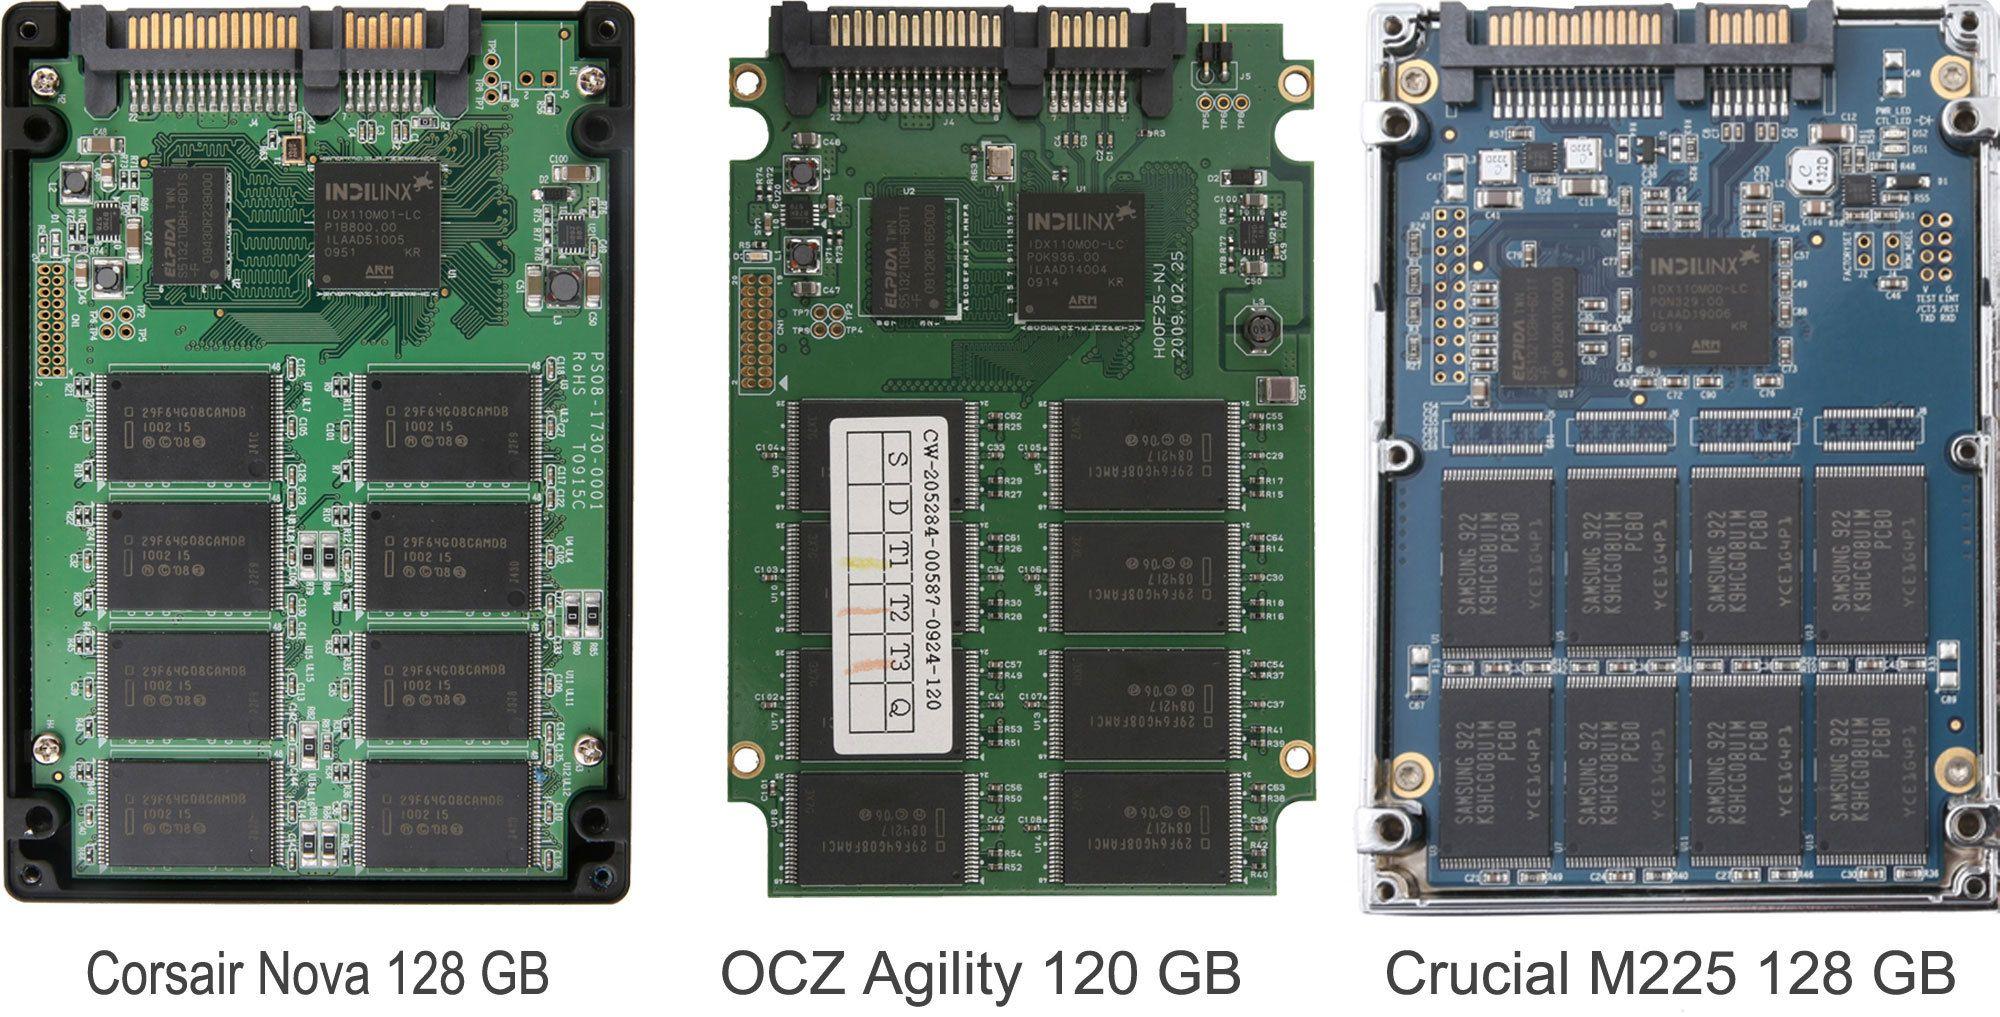 Et lite utvalg av tidligere Indilinx-baserte SSD-er. Klikk for større versjon.